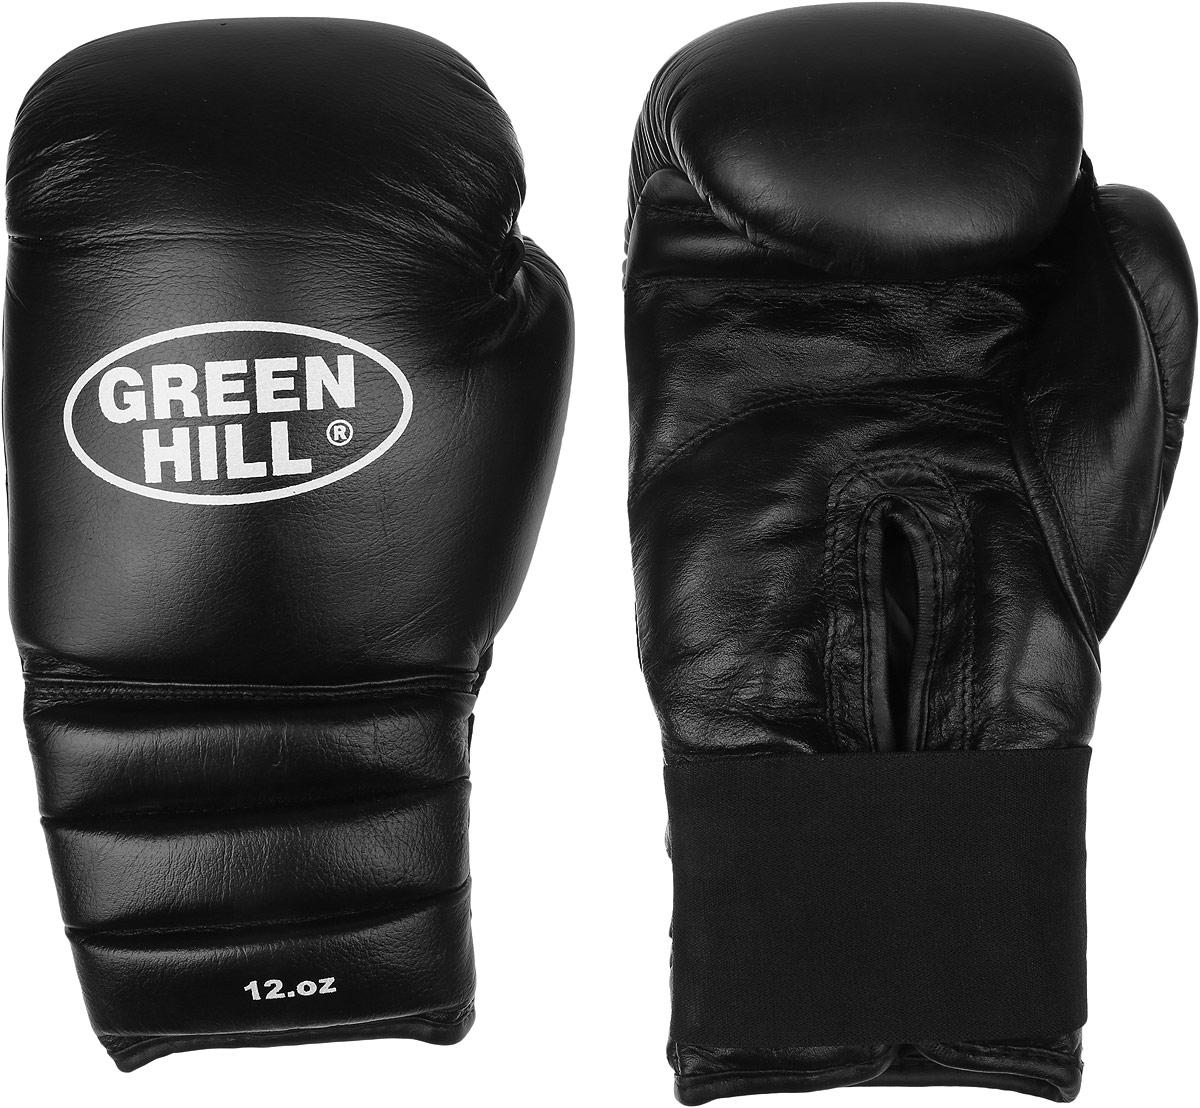 Перчатки боксерские Green Hill Pro Star, цвет: черный, белый. Вес 12 унций. BGPS-2012BGPS-2012Тренировочные боксерские перчатки Green Hill Pro Star отлично подойдут для спаррингов. Верх выполнен из натуральной кожи, наполнитель - из вспененного полимера. Отверстие в области ладони позволяет создать максимально комфортный терморежим во время занятий. Удлиненный сегментированный манжет способствует быстрому и удобному надеванию перчаток, плотно фиксирует их на руке.